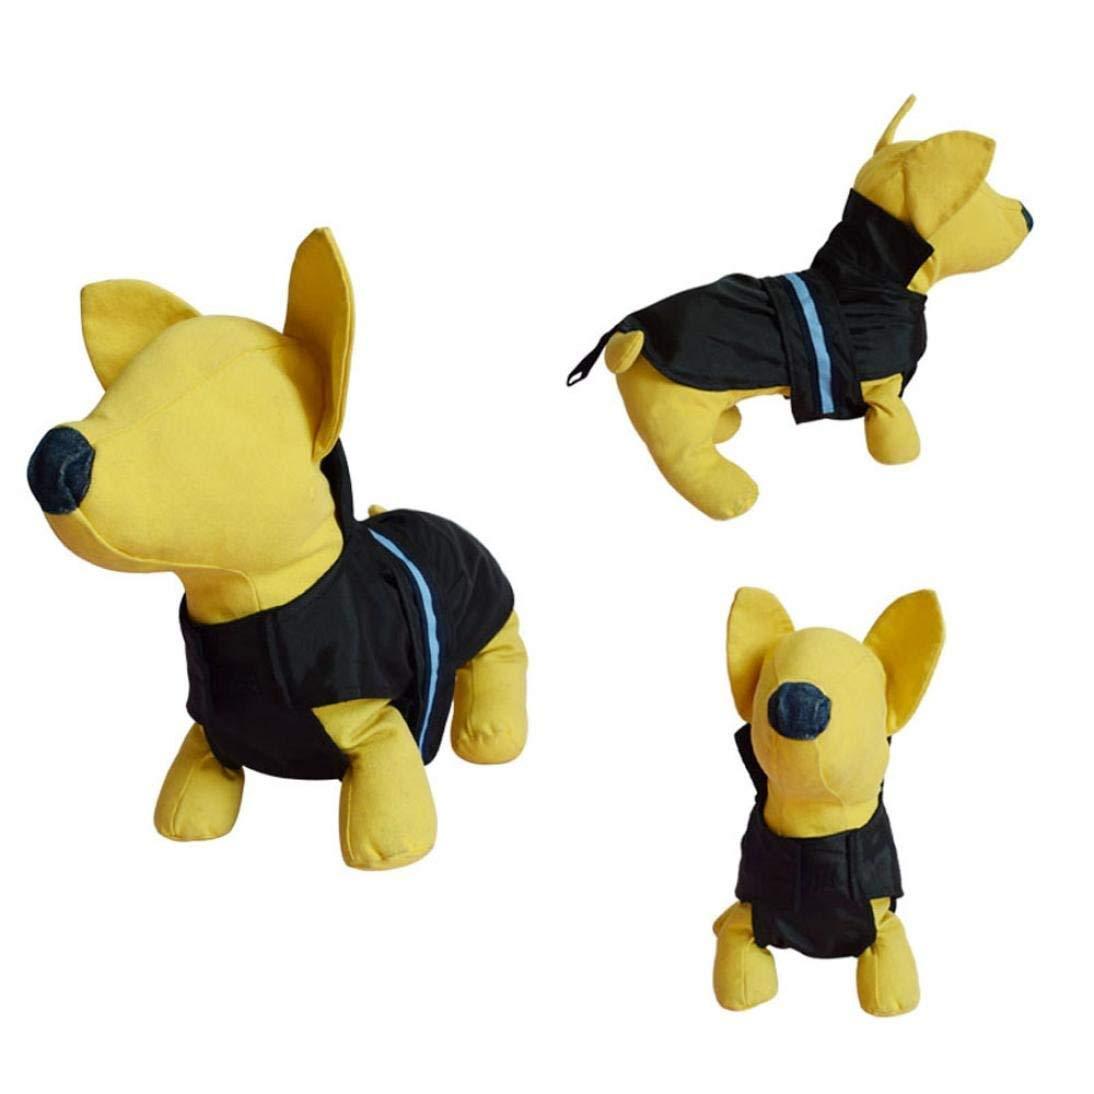 Waterproof pet clothes,Morecome Dog Pet Outdoor Waterproof Rain Vest Jackets Costume